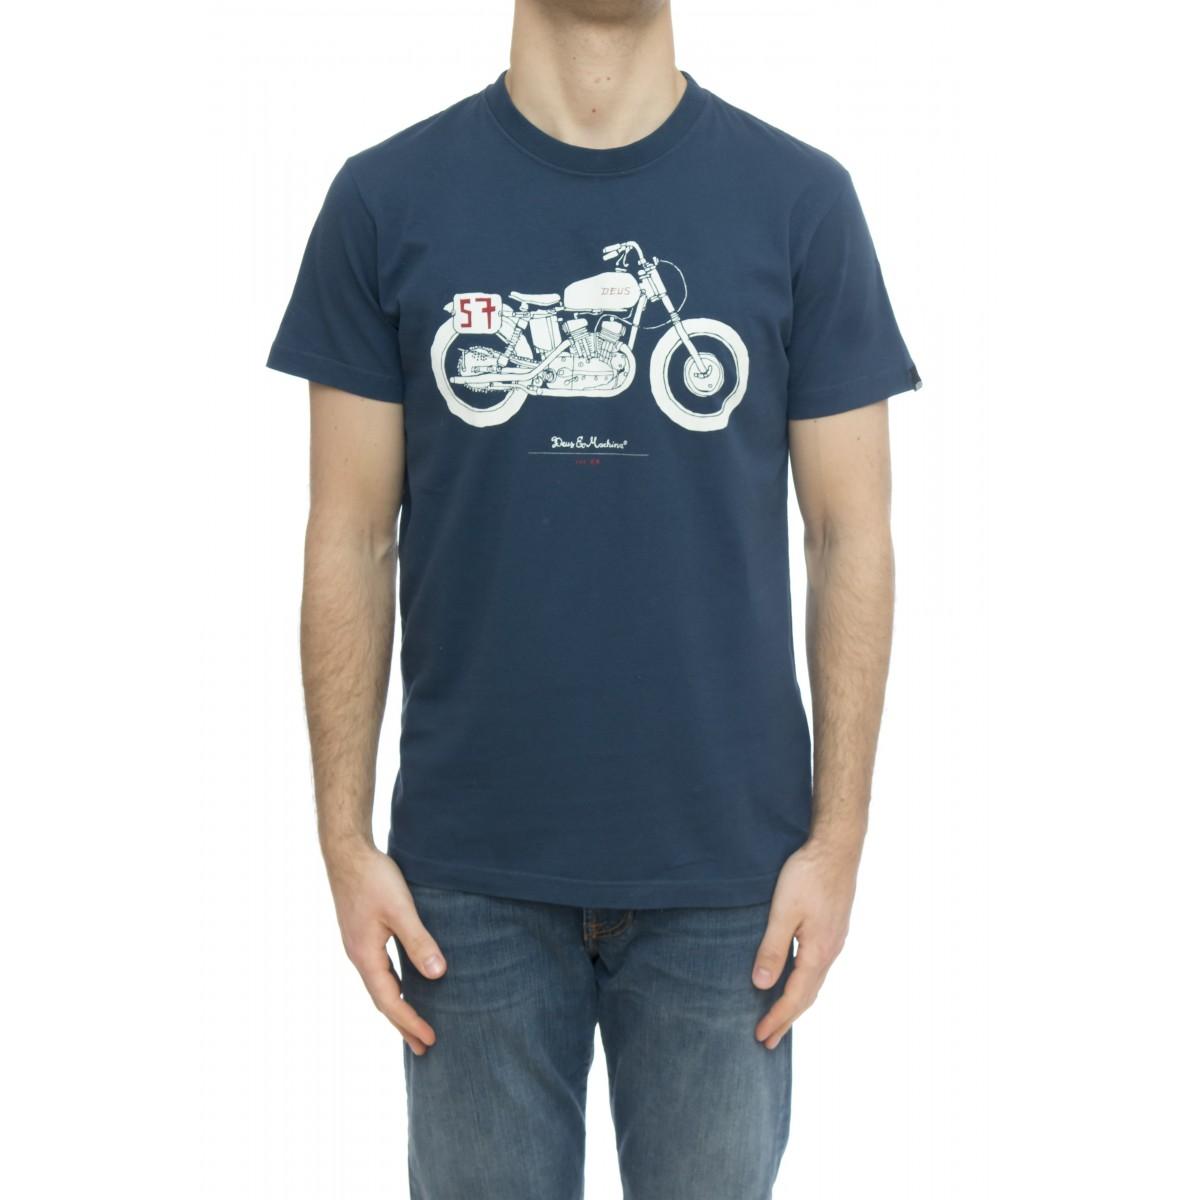 T-shirt - Tee0009